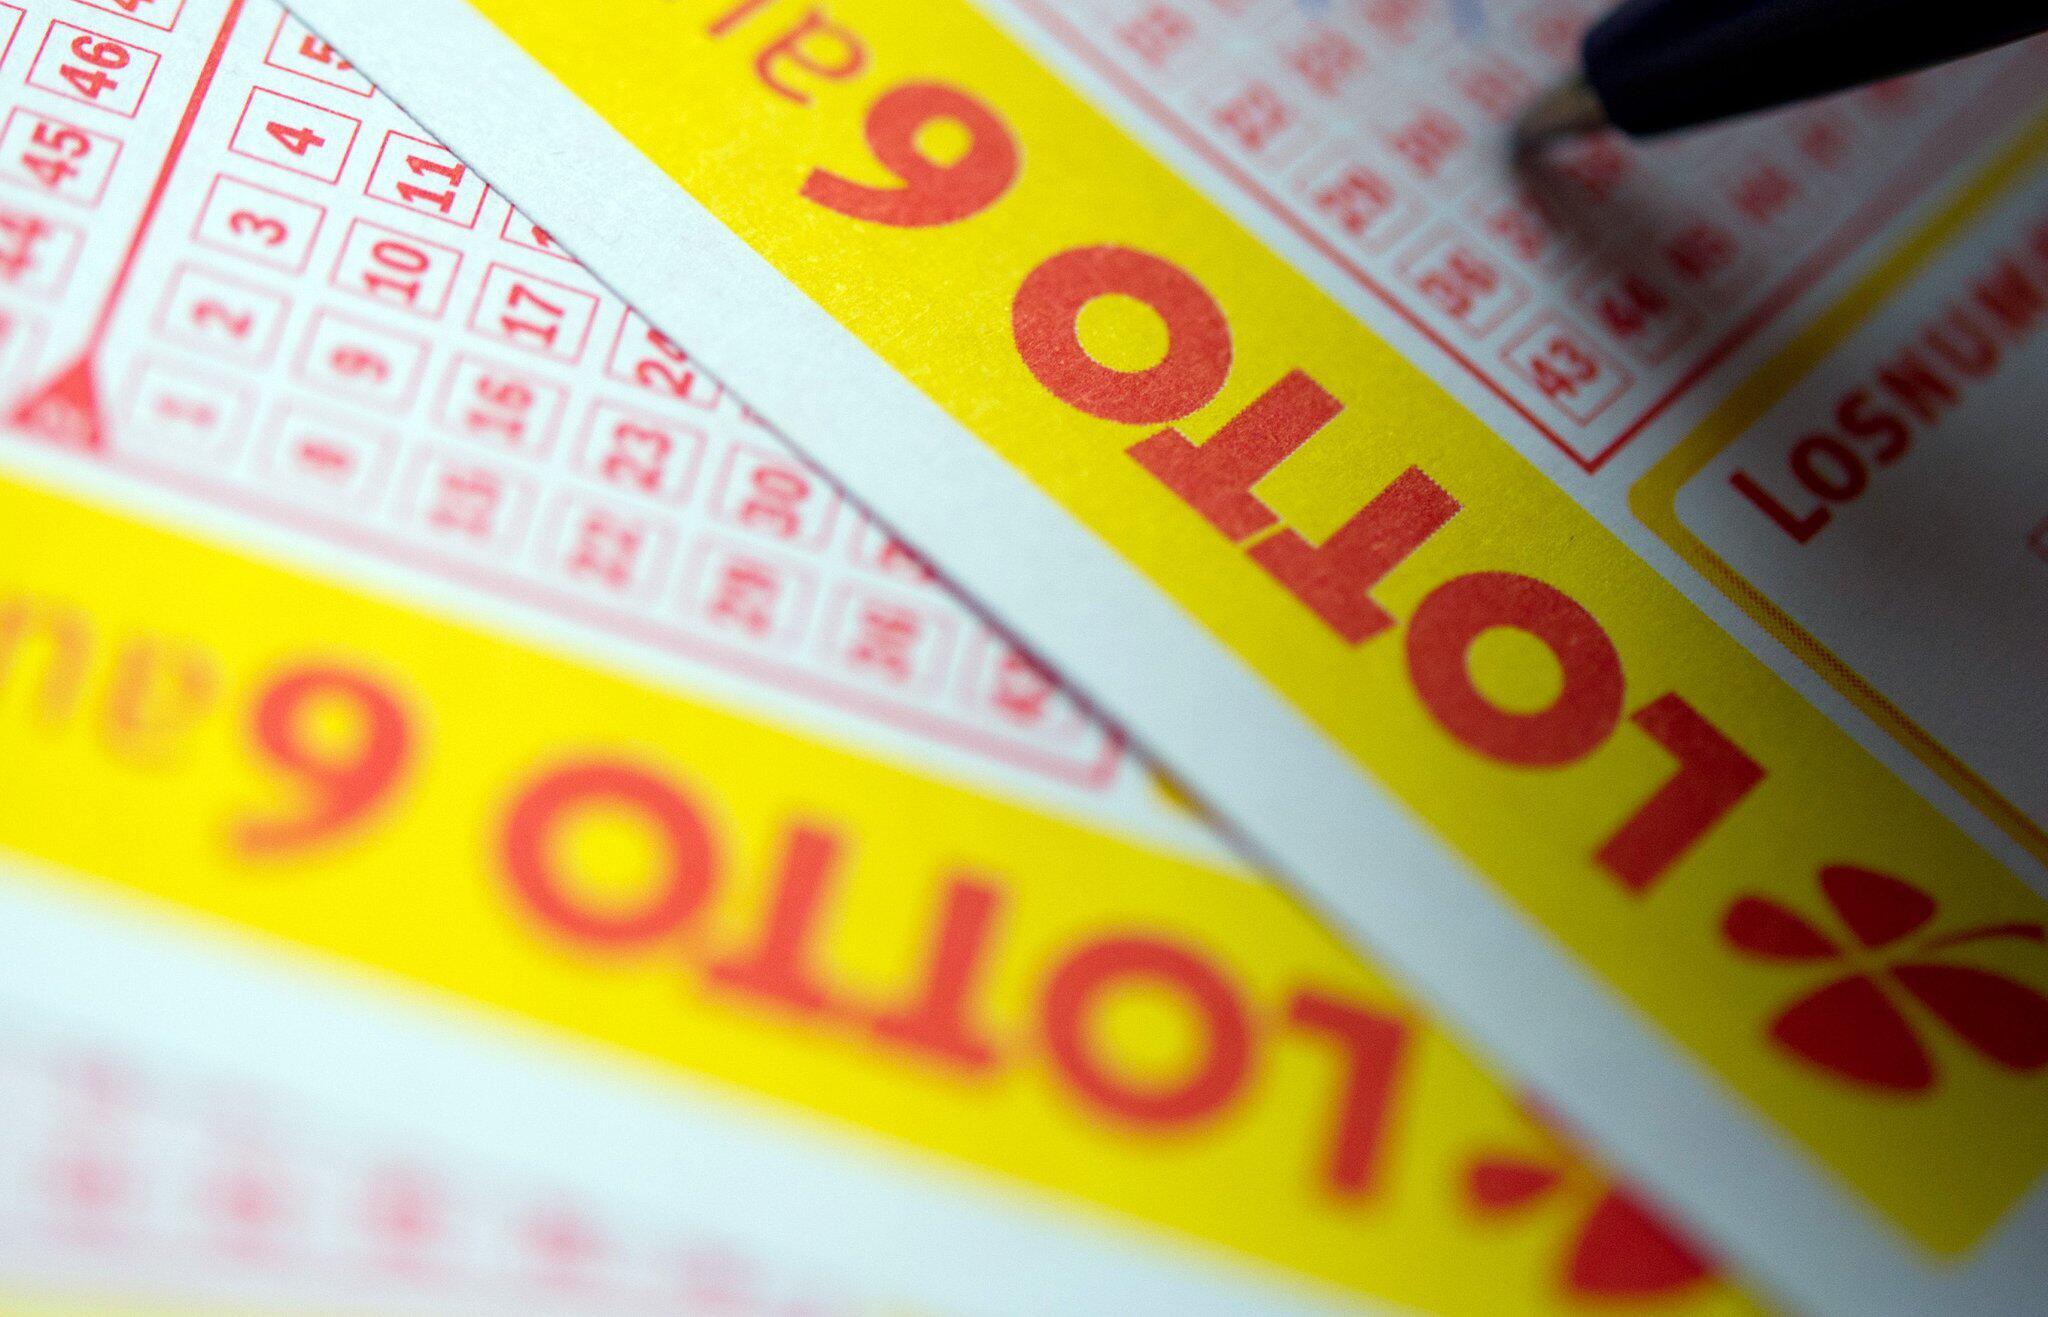 Bild zu Glücksspielbranche - Lotto